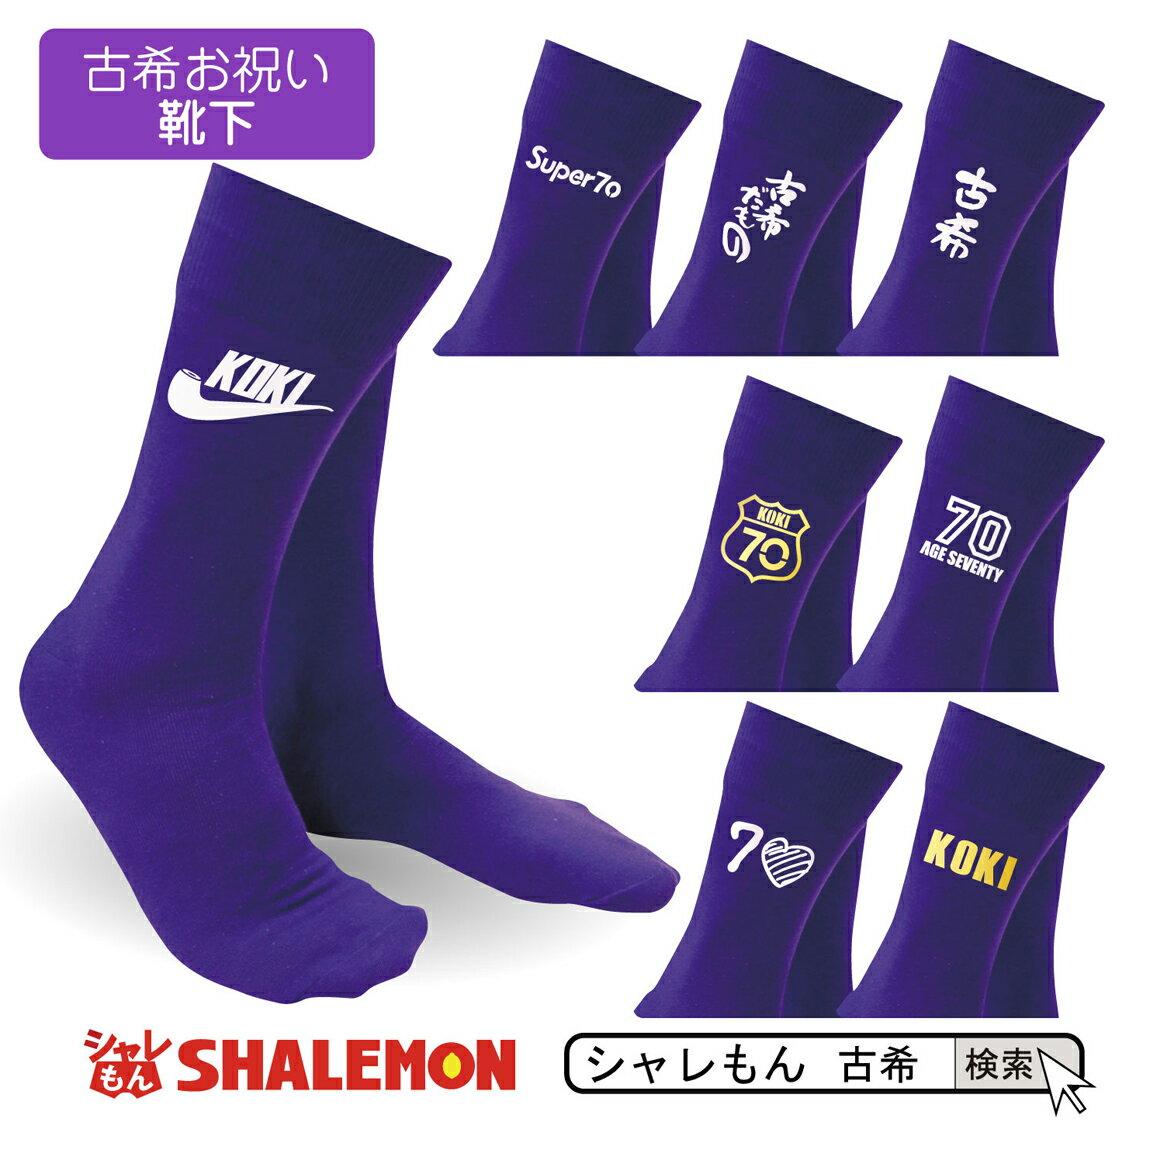 古希 お祝い プレゼント 父 母 古希祝い 紫 ソックス 【選べる8デザイン靴下】 男性 女性 70歳 誕生日 紫ちゃんちゃんこ の代わりに koki